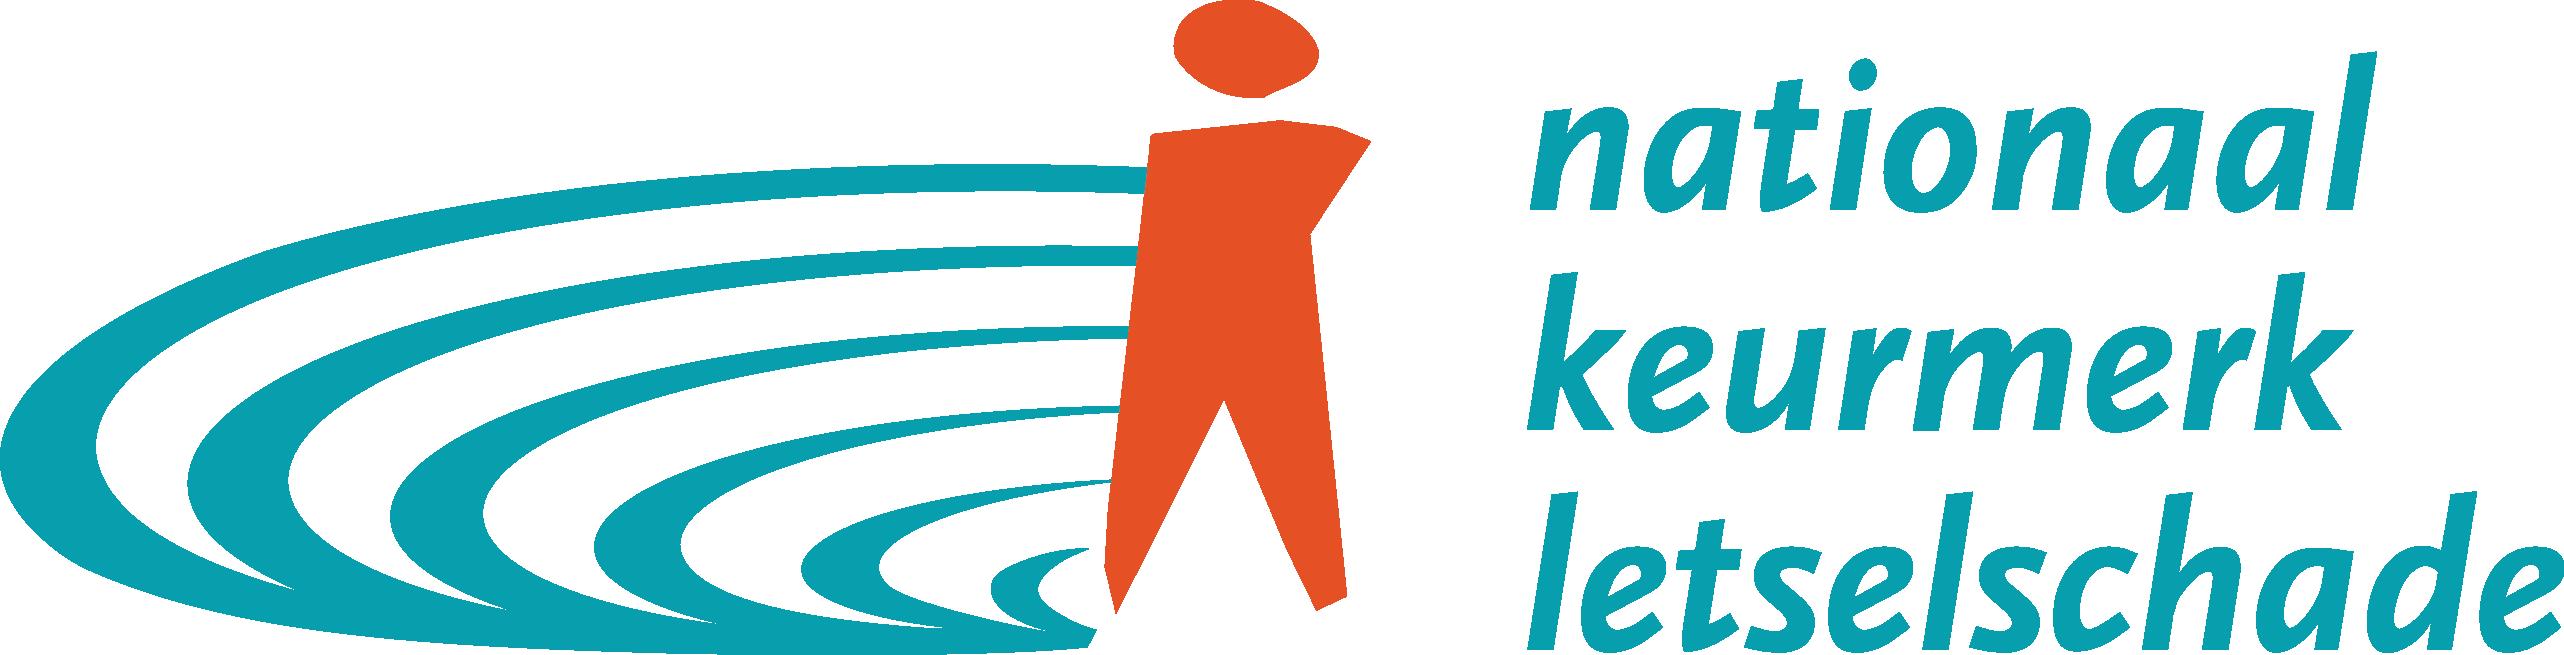 Nationaal keurmerk letselschade